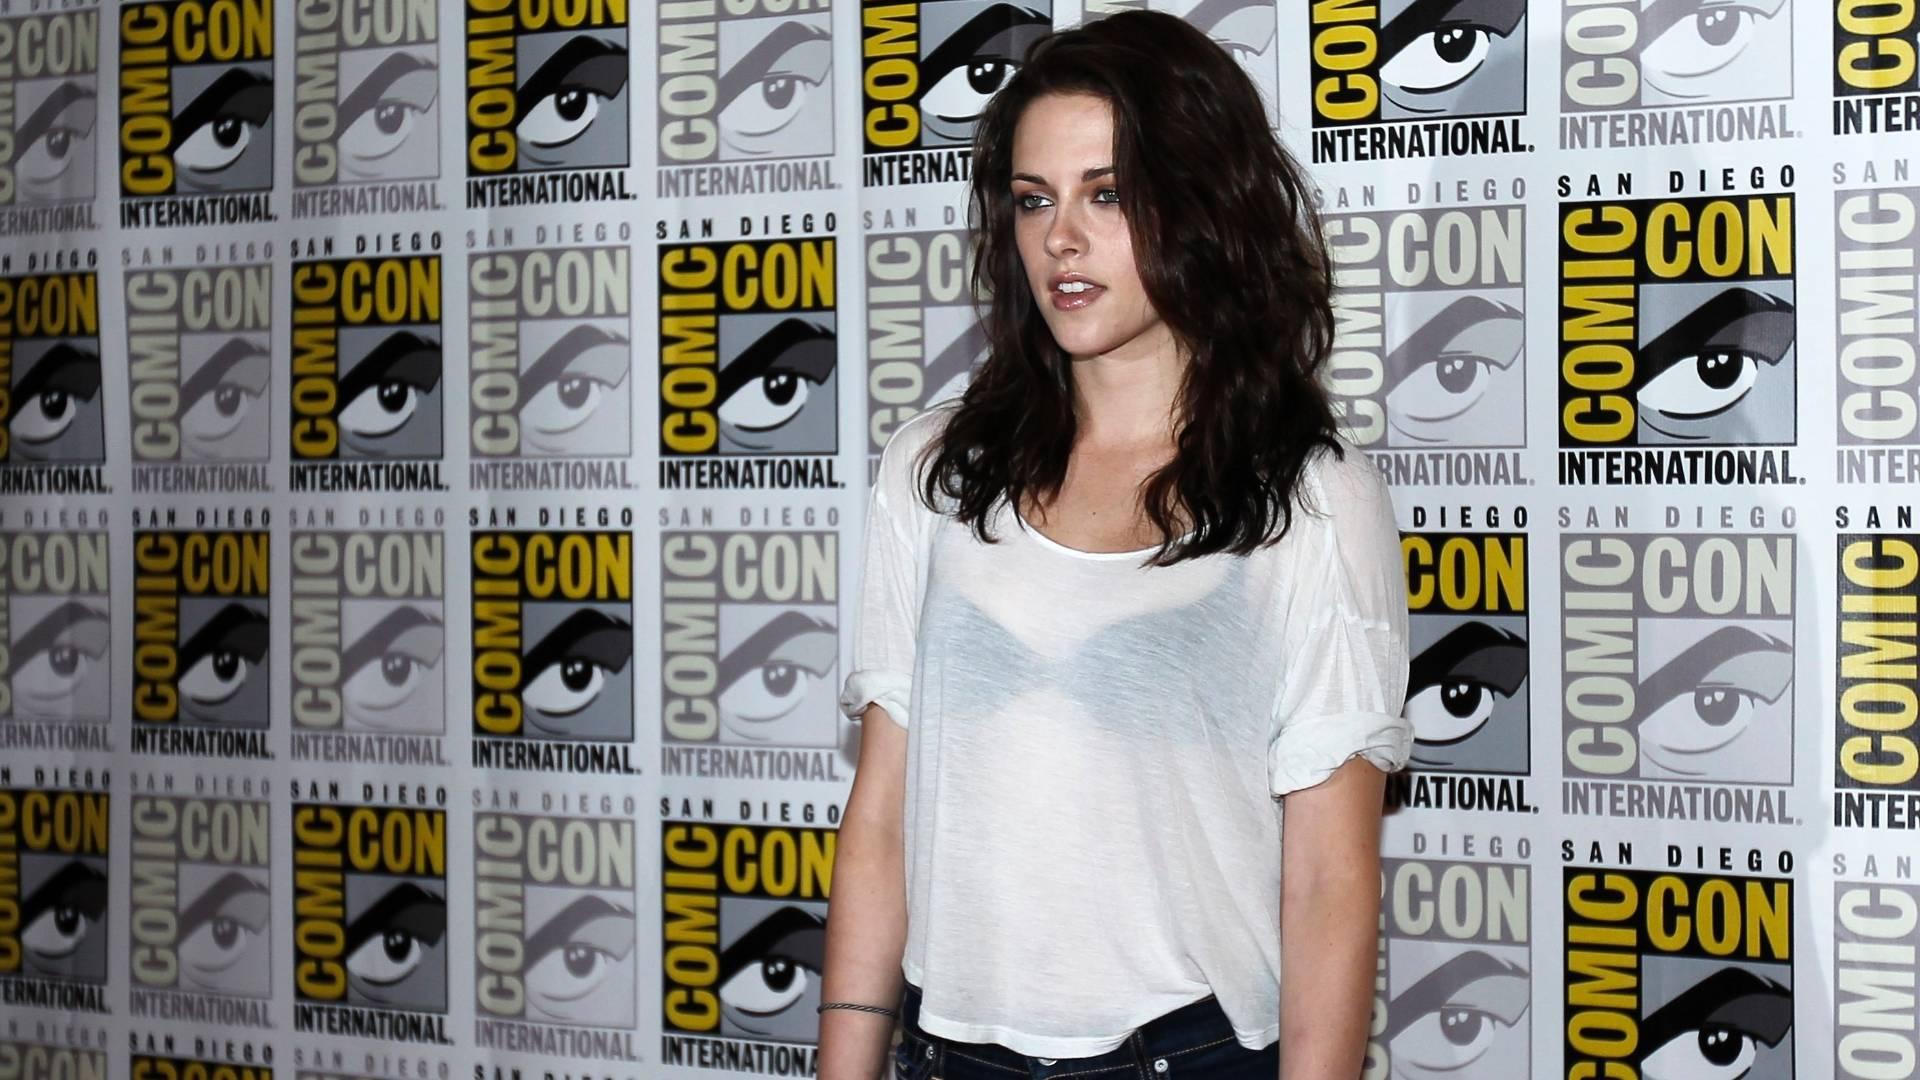 Kristen Stewart posa para fotos durante a Comic Con, em San Diego. A atriz participa do evento para promover o filme